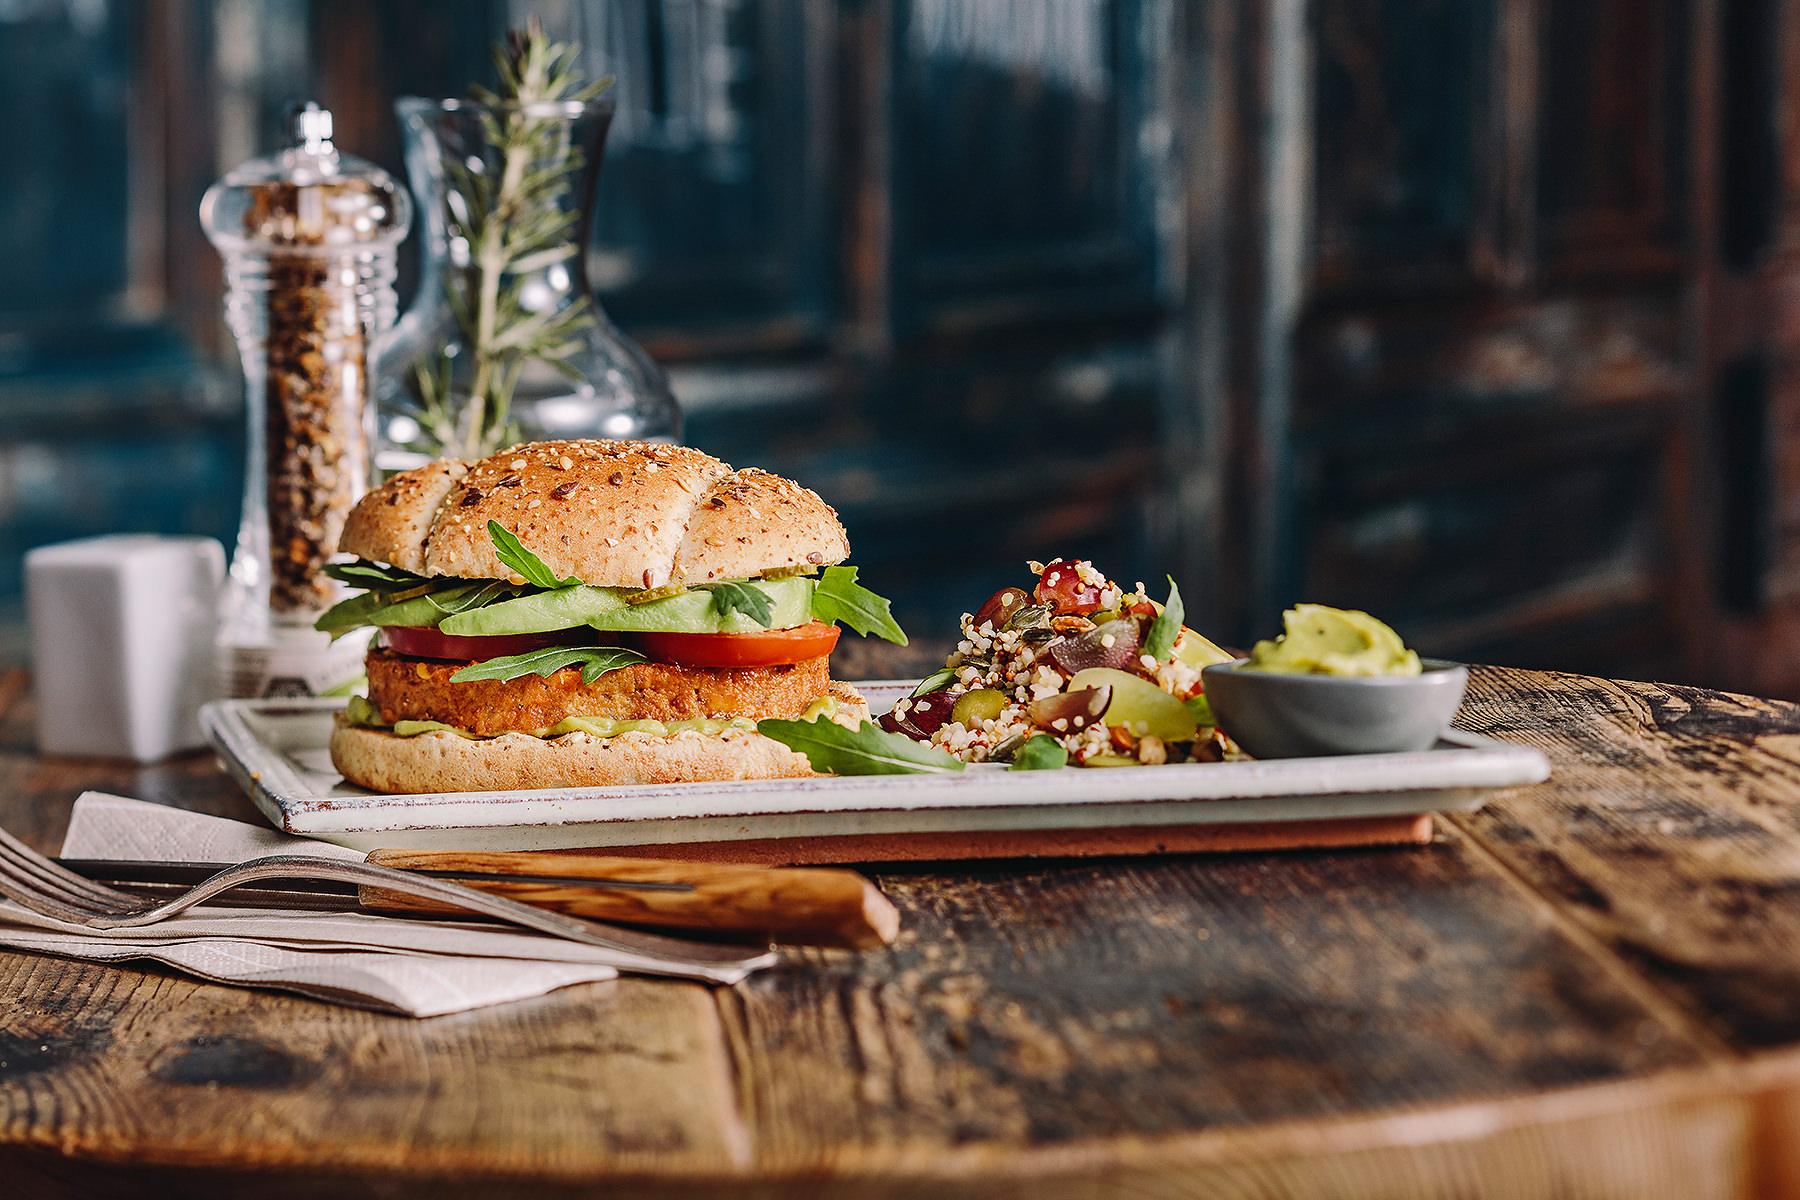 Harrys-burger-vegan-steak-soja-048